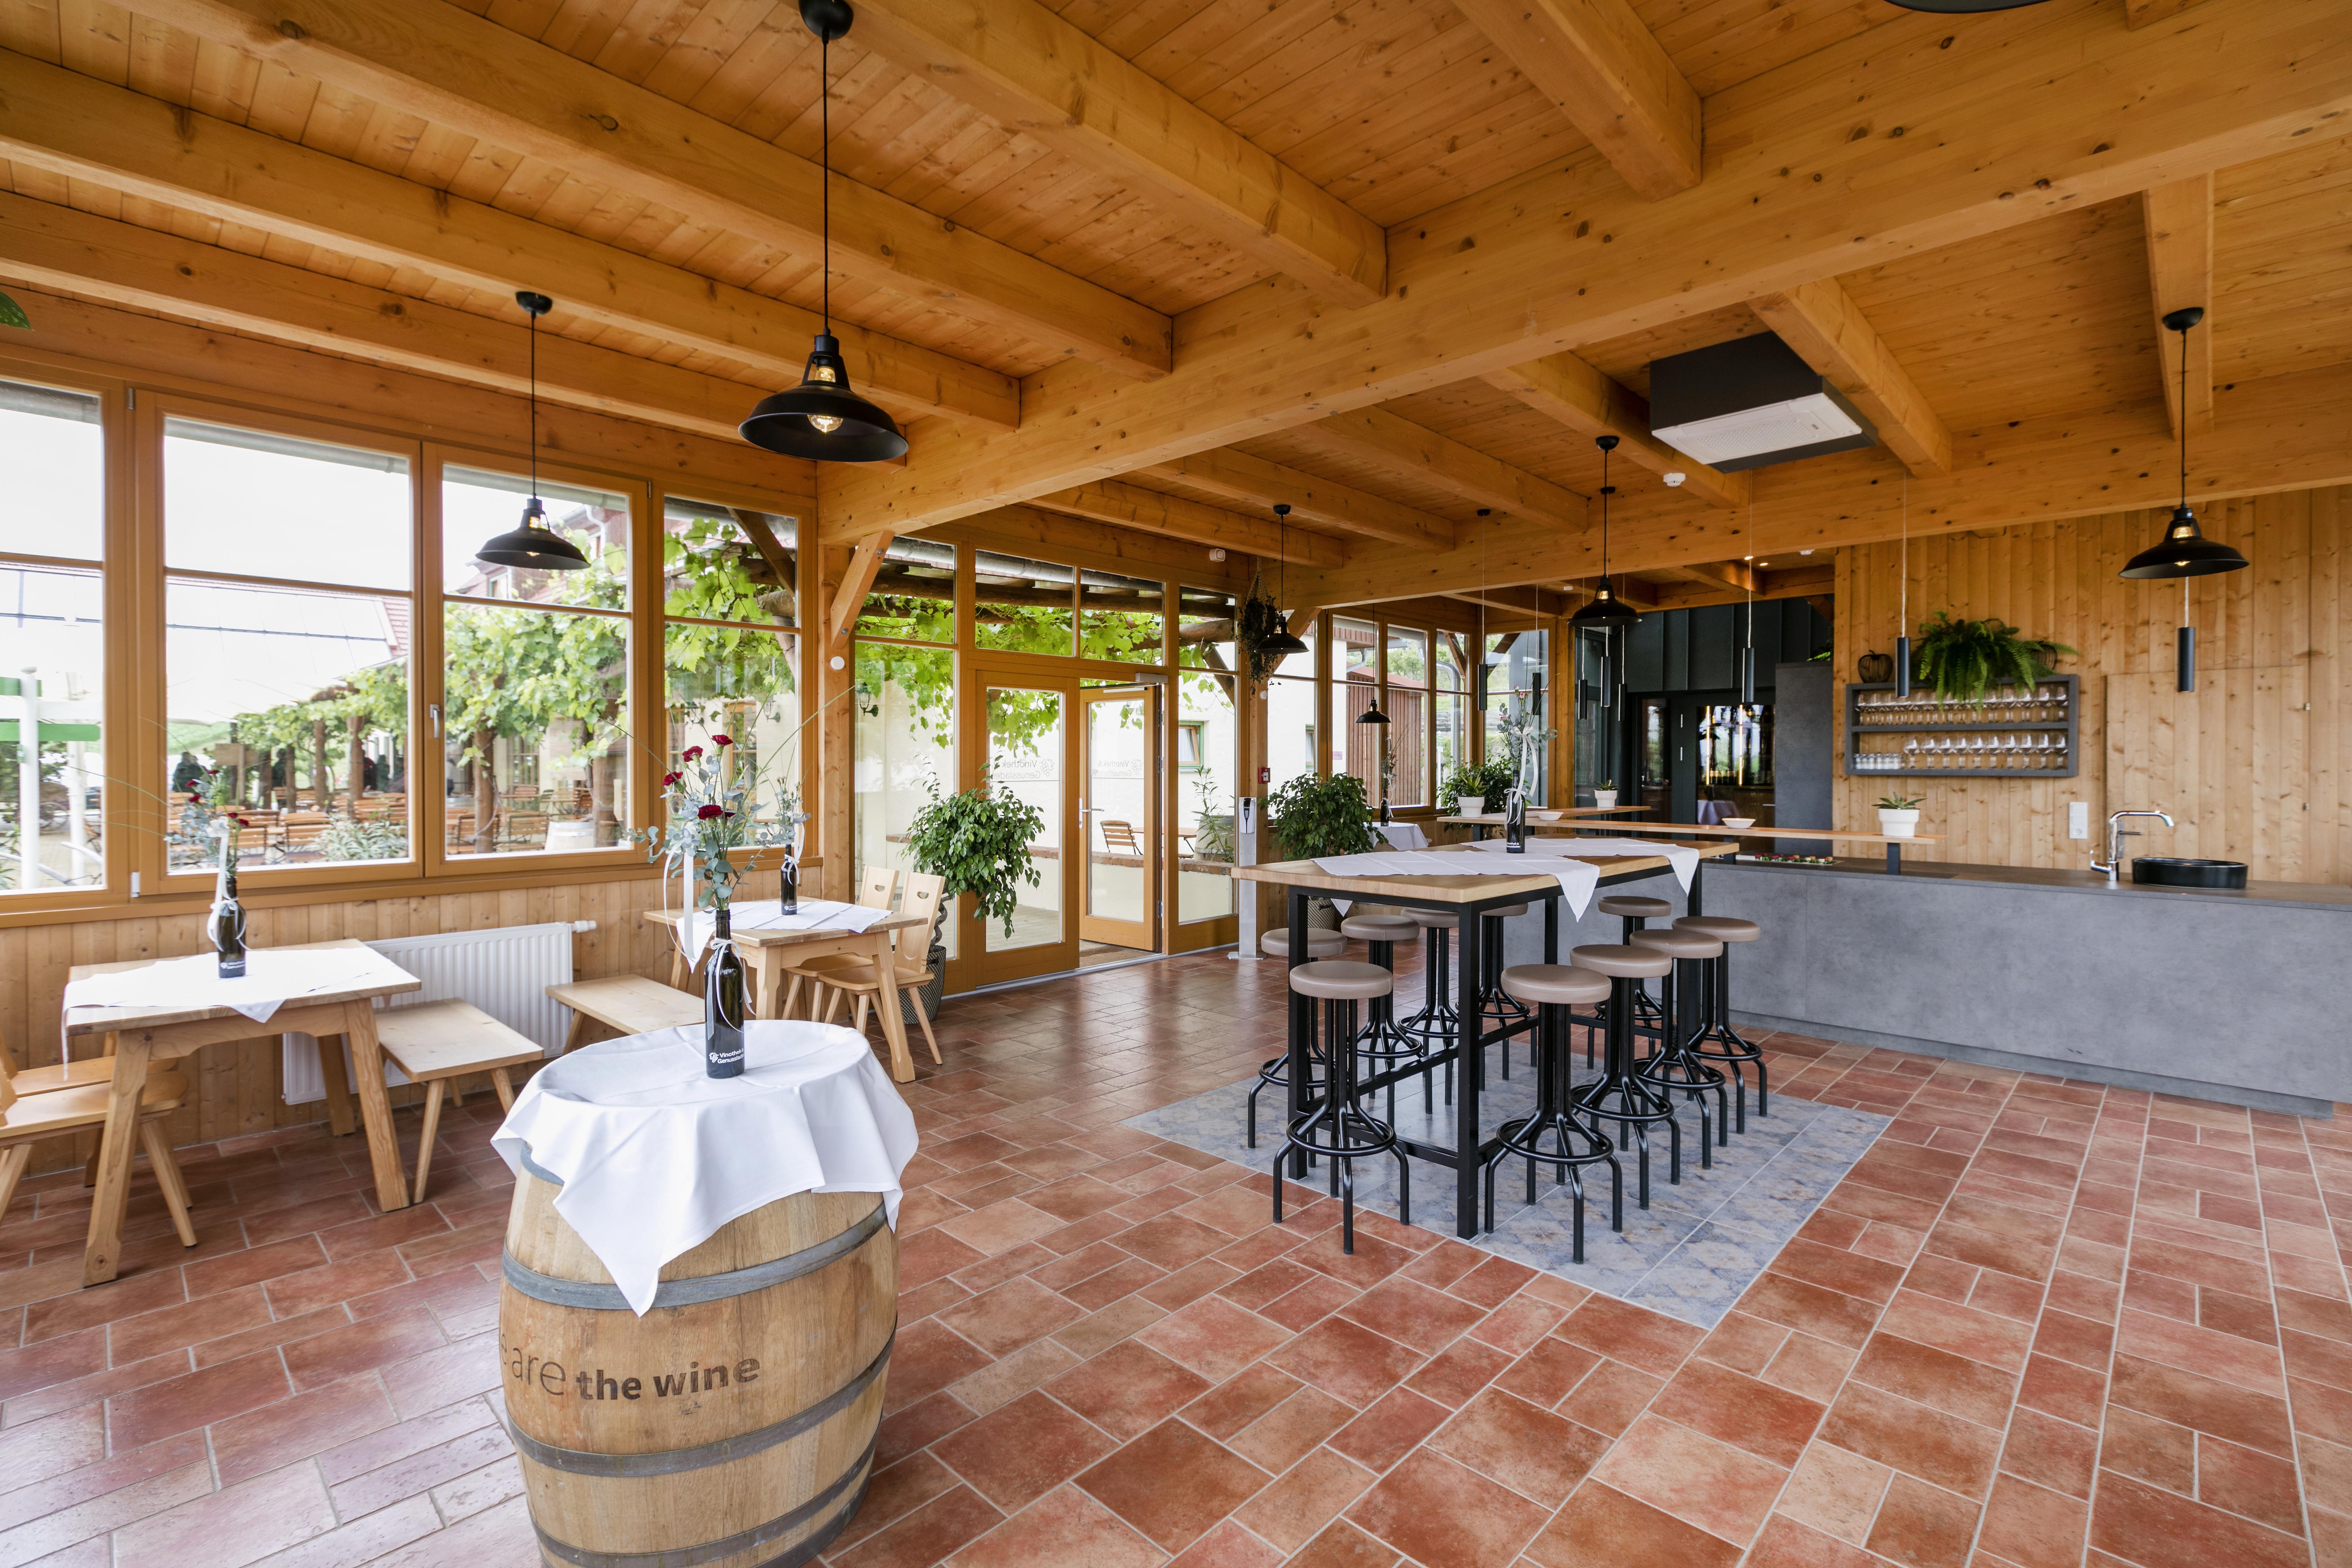 Sie sehen ein Weinfass in der Vinothek im JUFA Hotel Tieschen – Bio-Landerlebnis.  Der Ort für kinderfreundlichen und erlebnisreichen Urlaub für die ganze Familie.